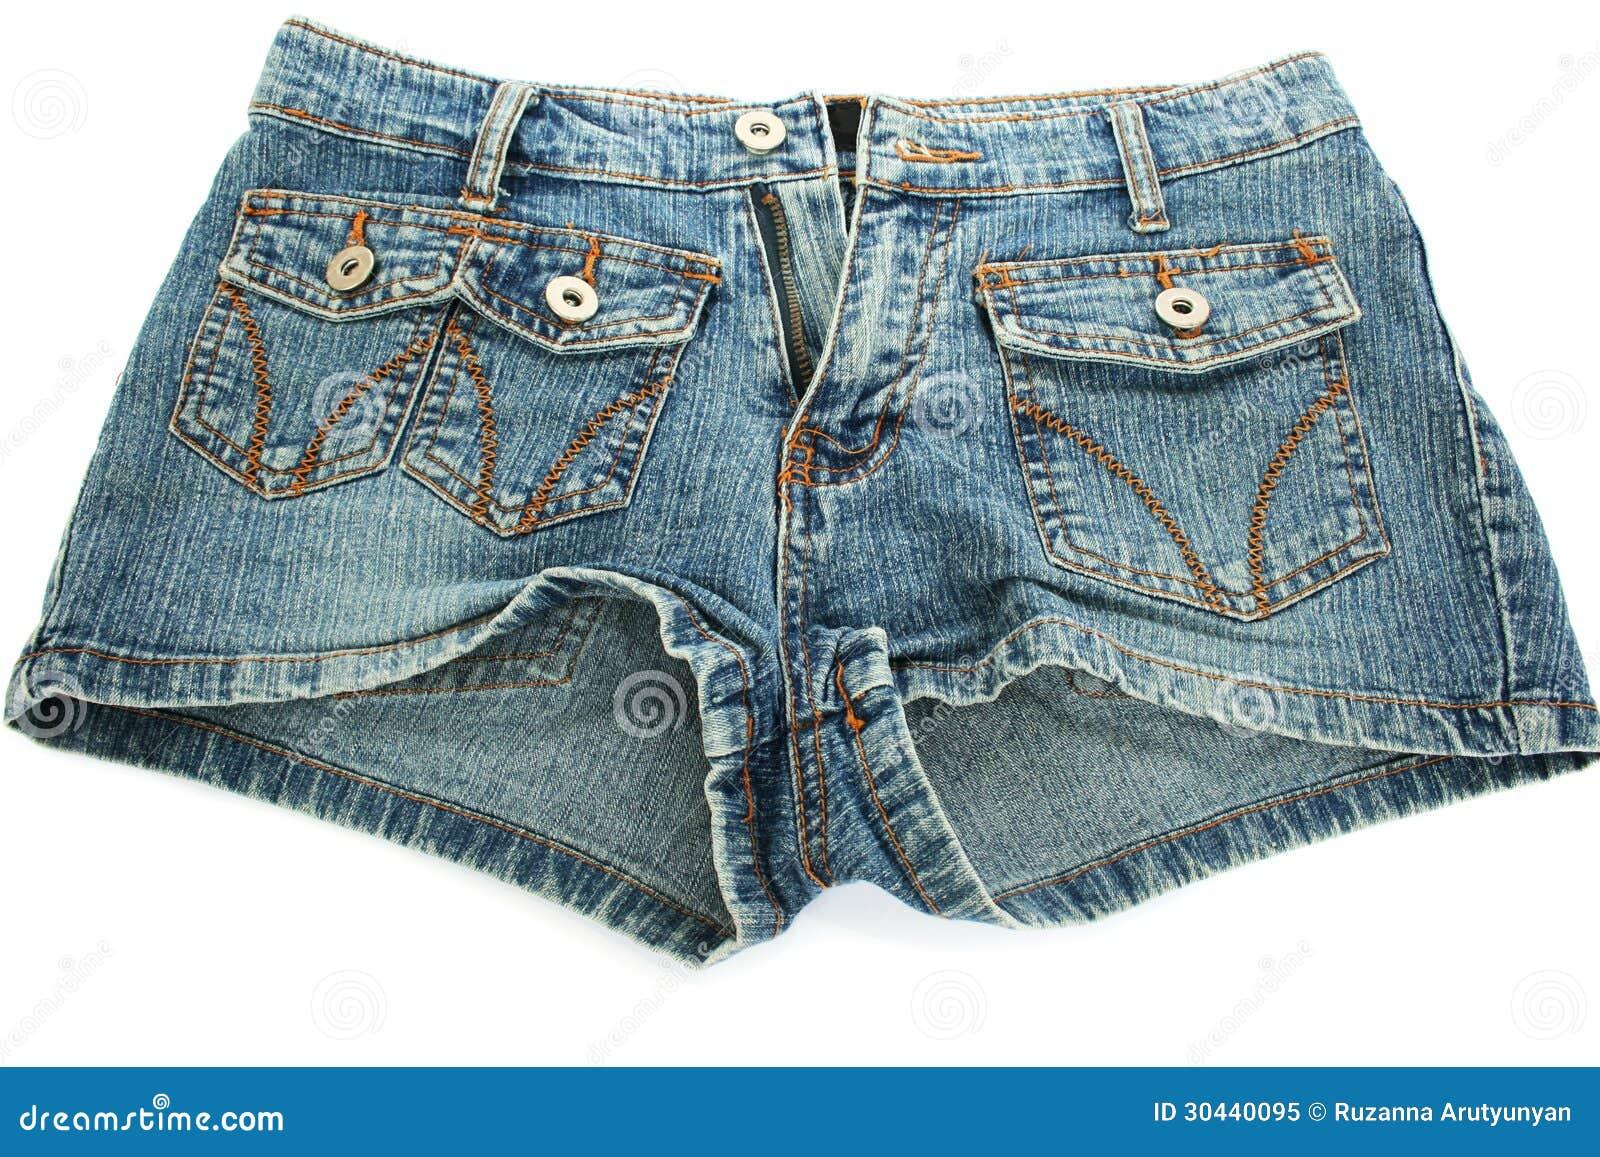 Снимает джинсовые шортики 11 фотография